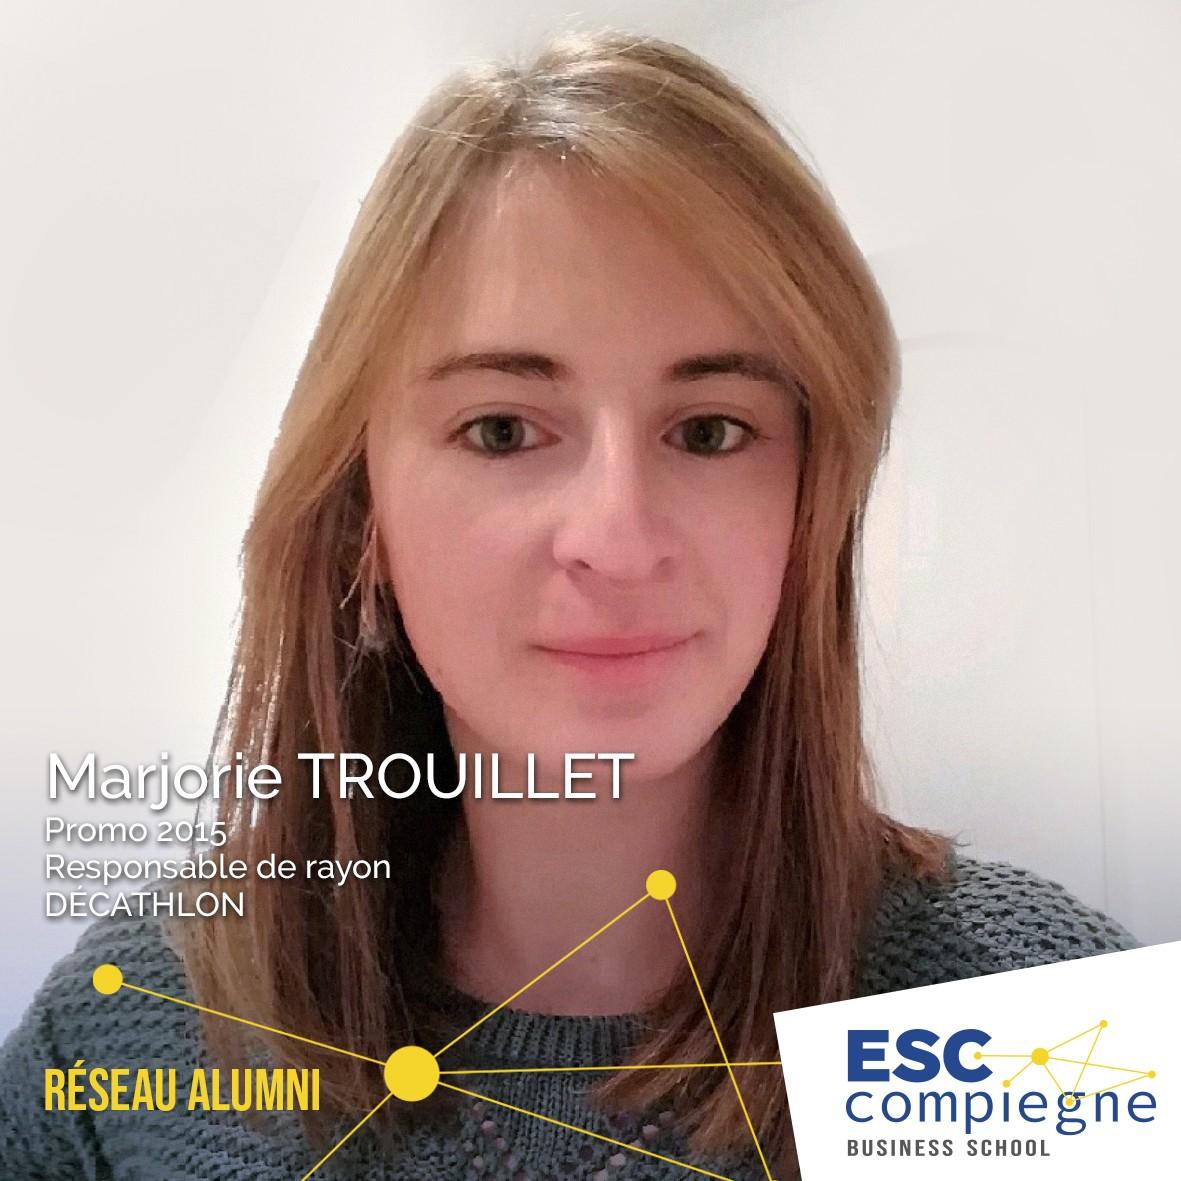 ESCC-Marjorie-Trouillet